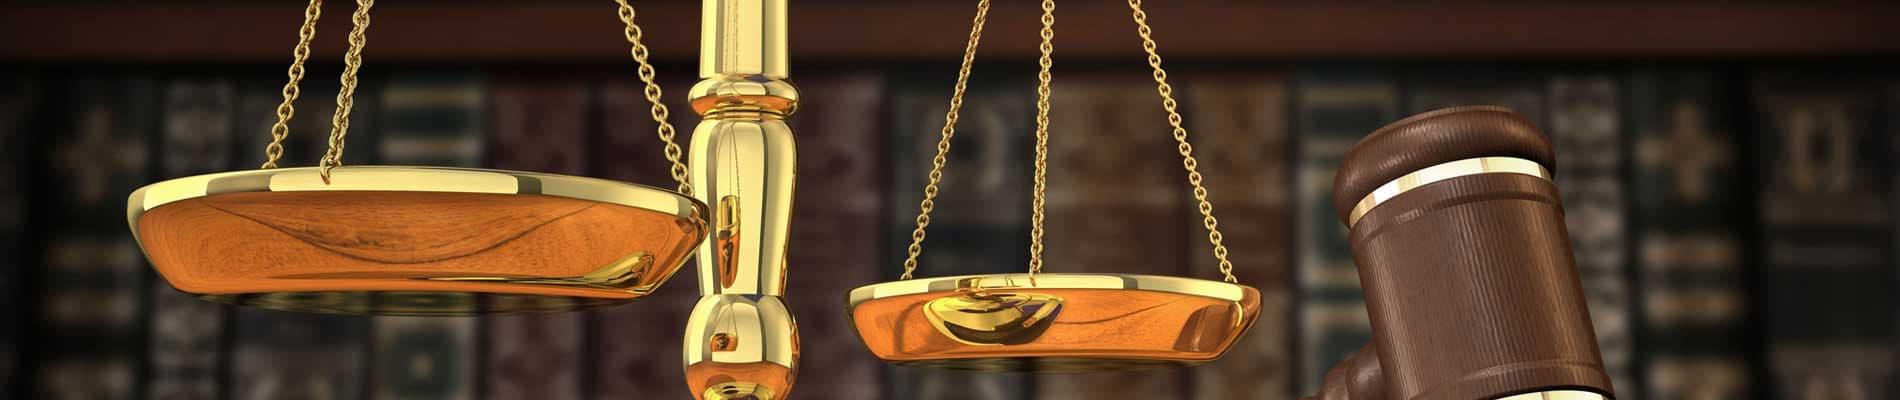 Derecho y administración de justicia